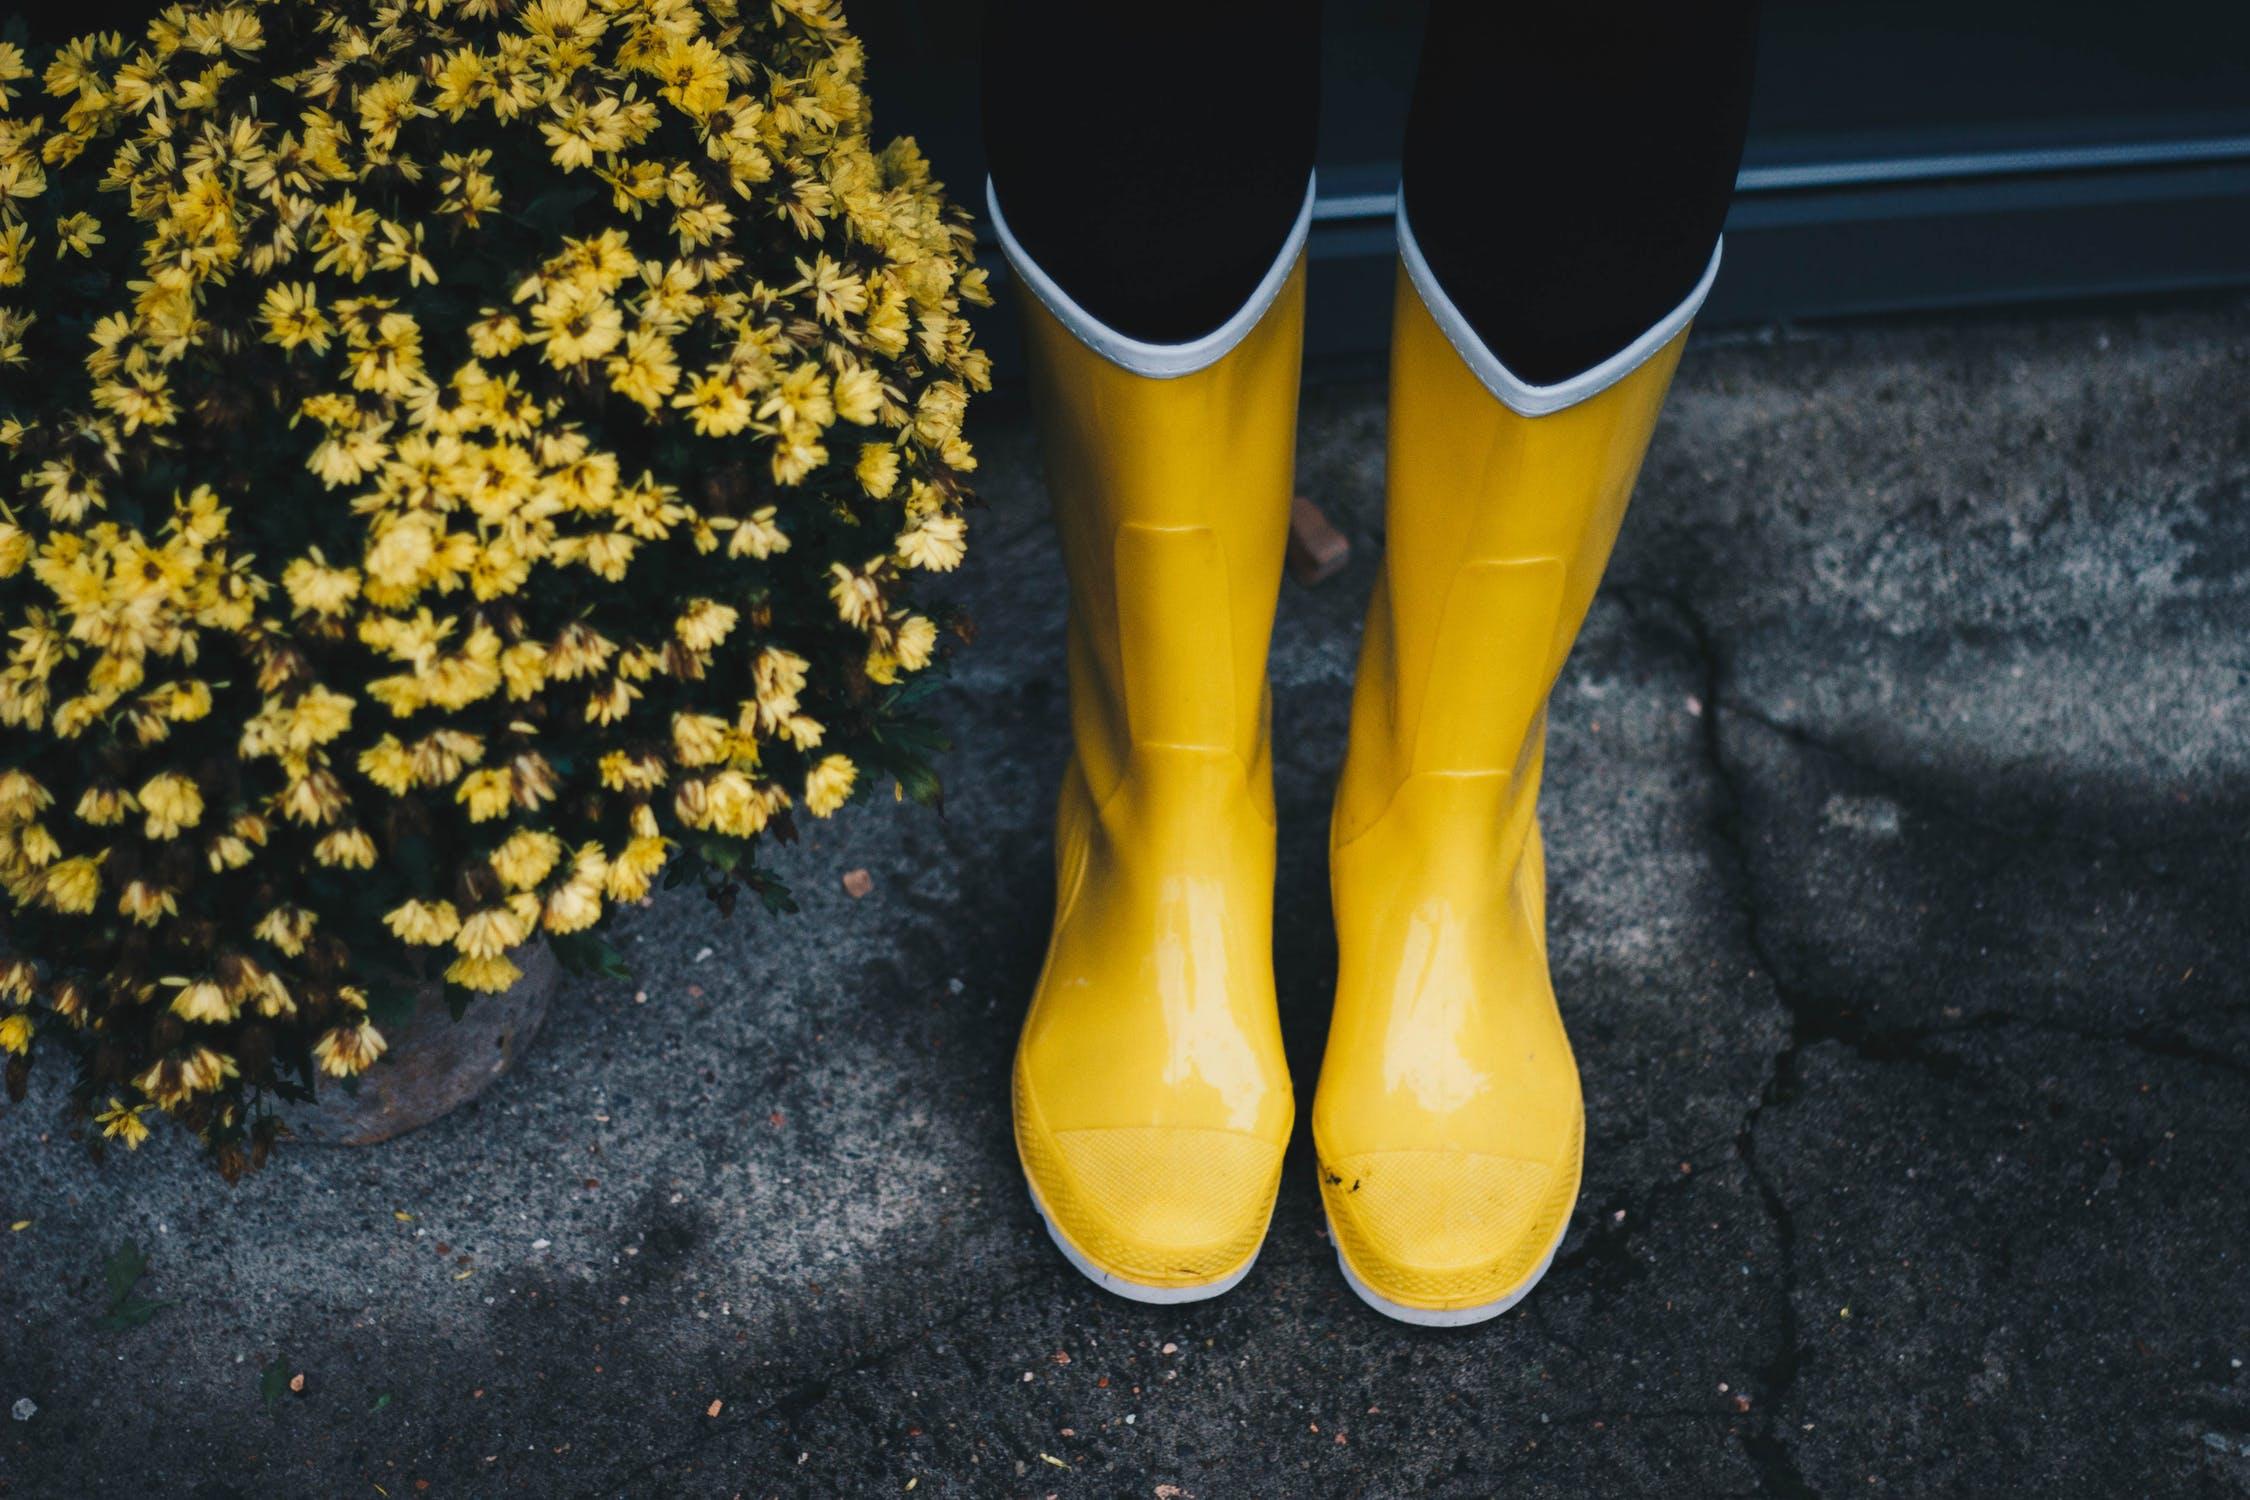 La meilleure botte de pluie ? explications et comparatif